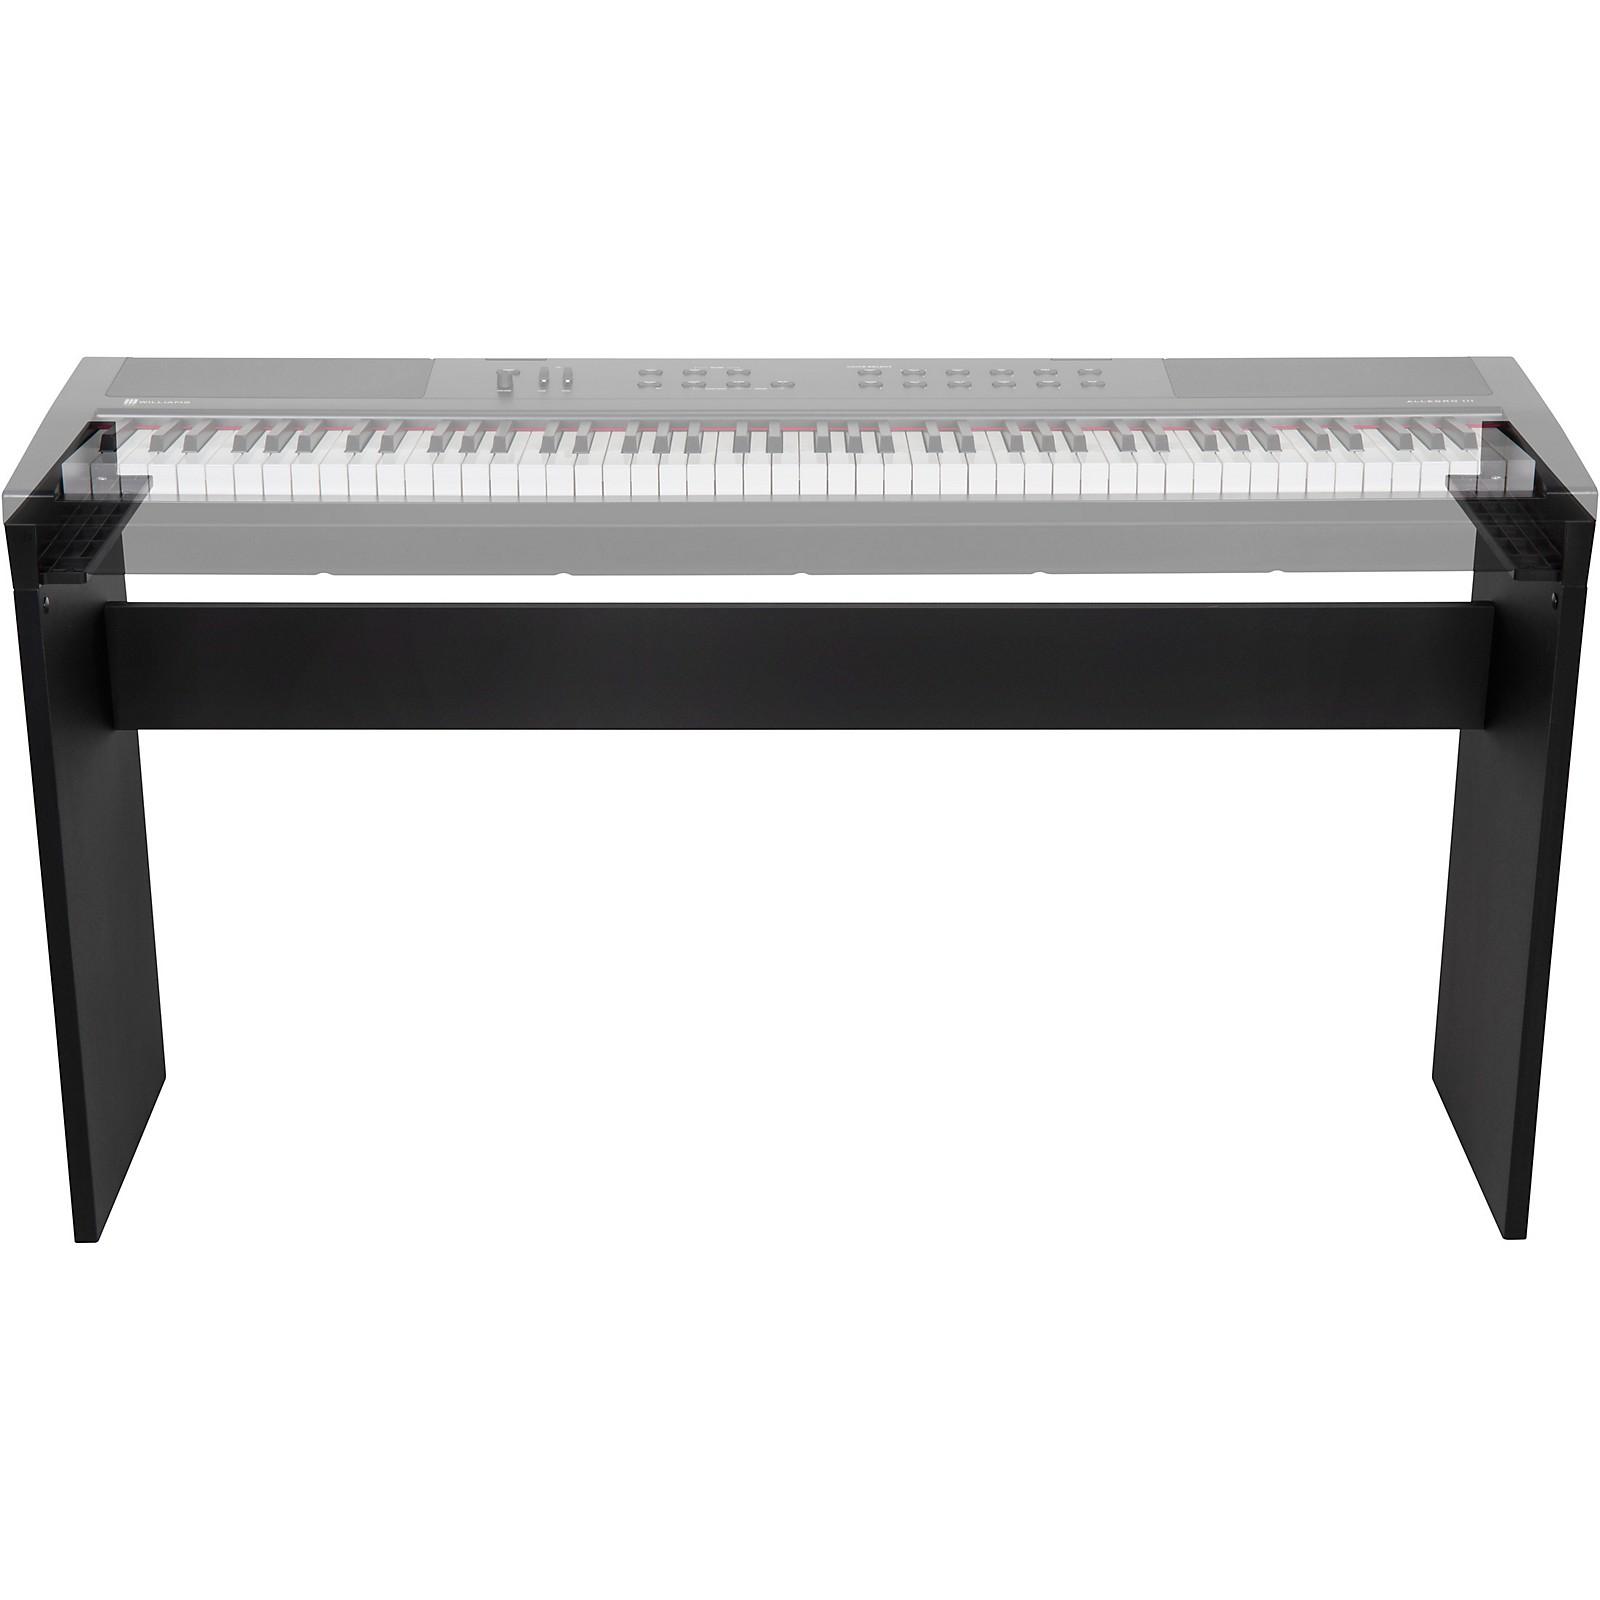 Open Box Williams Black Stand for Williams Allegro 2 Plus & Allegro lll Digital Piano